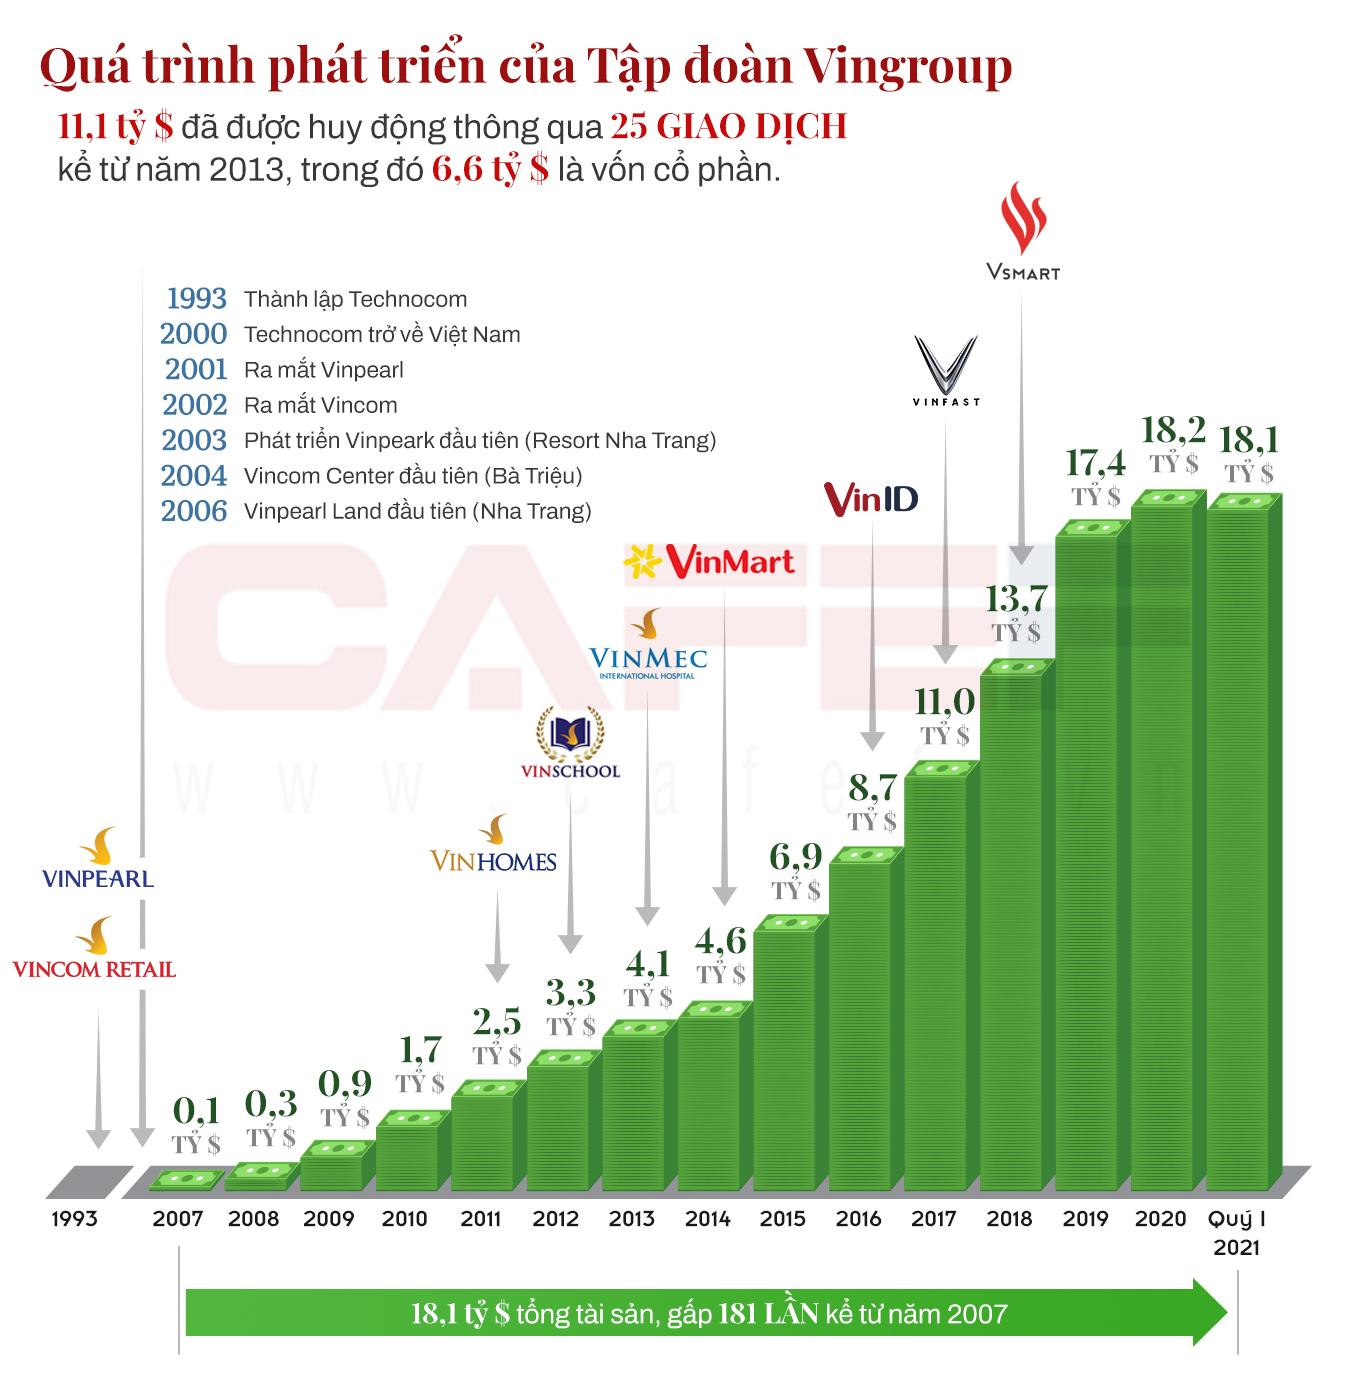 Hơn 11 tỷ USD đã đổ về Tập đoàn Vingroup kể từ năm 2013, đang triển khai huy động thêm hàng tỷ USD cho VinFast - Ảnh 1.